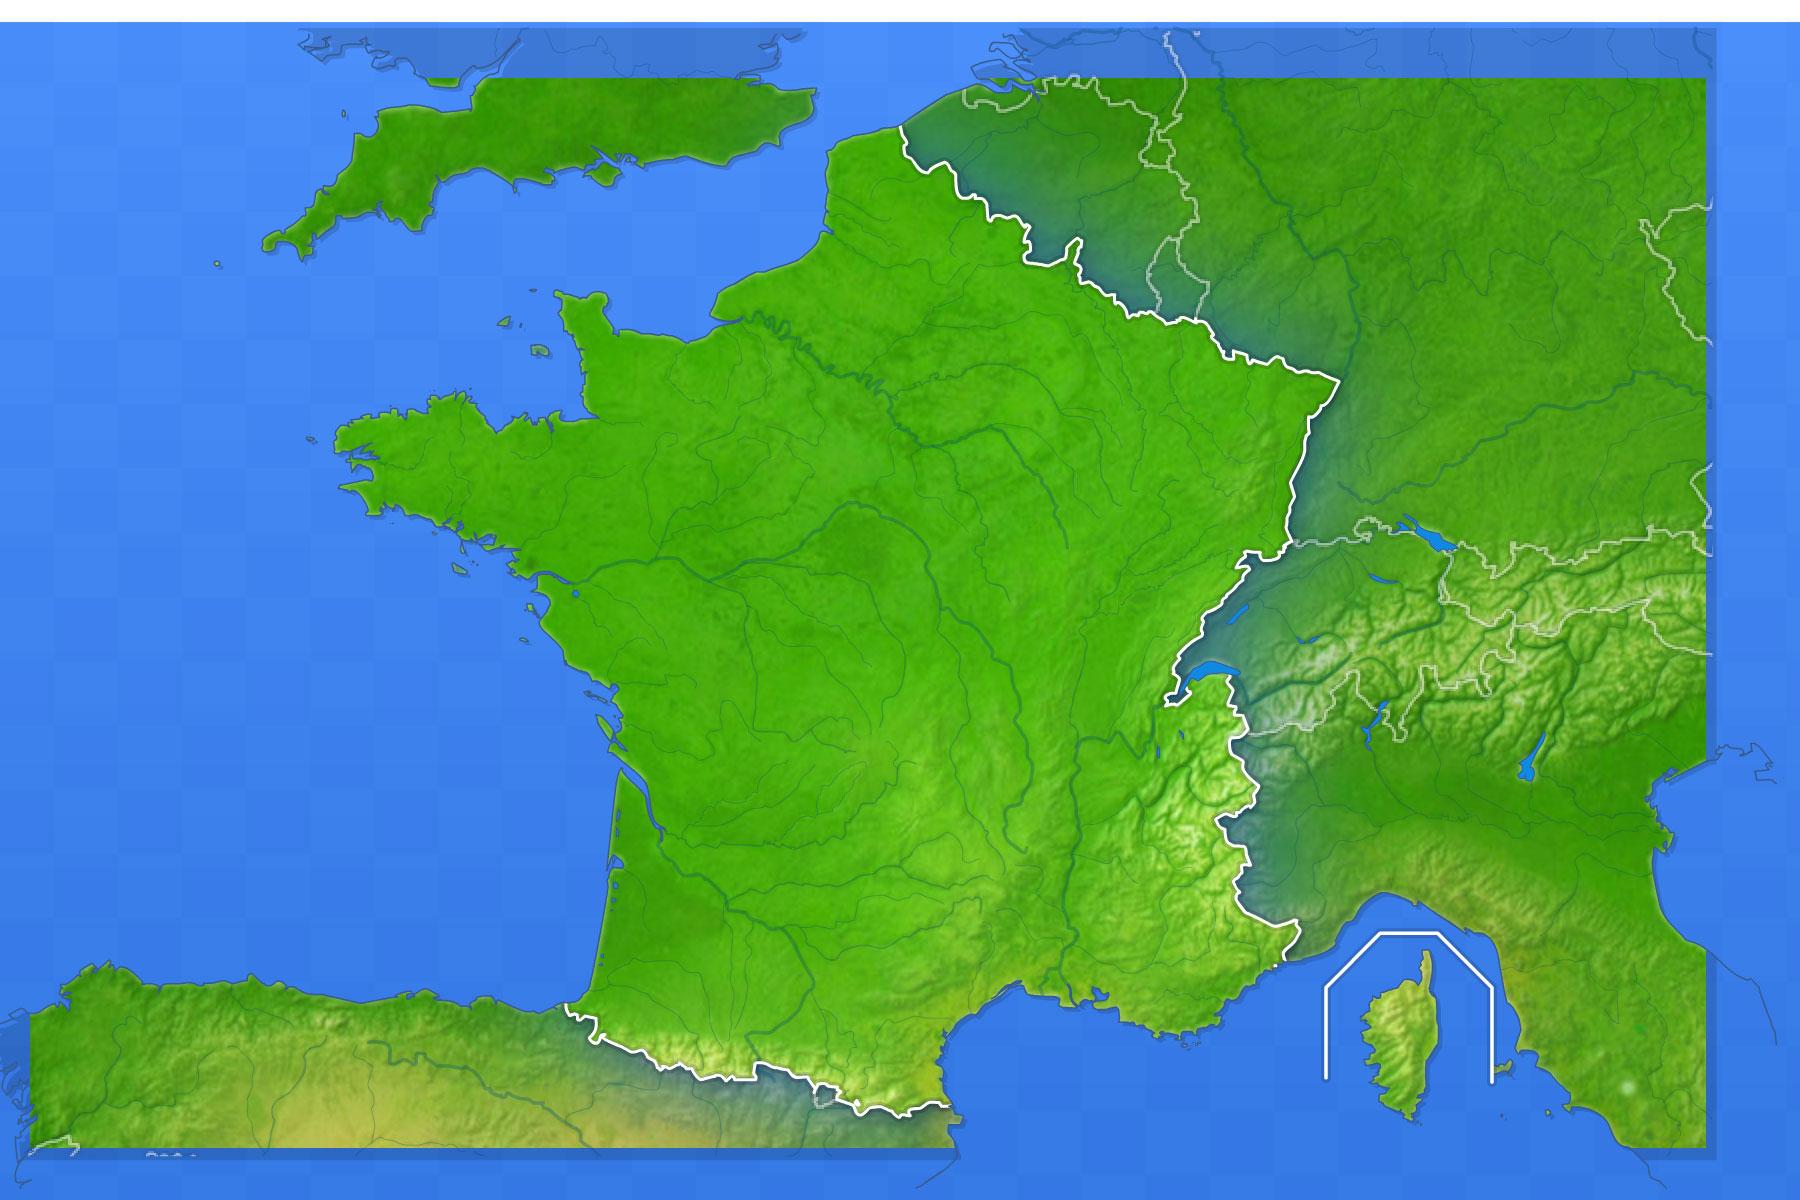 Jeux-Geographiques Jeux Gratuits Jeu Villes De France encequiconcerne Jeux Geographique Ville De France